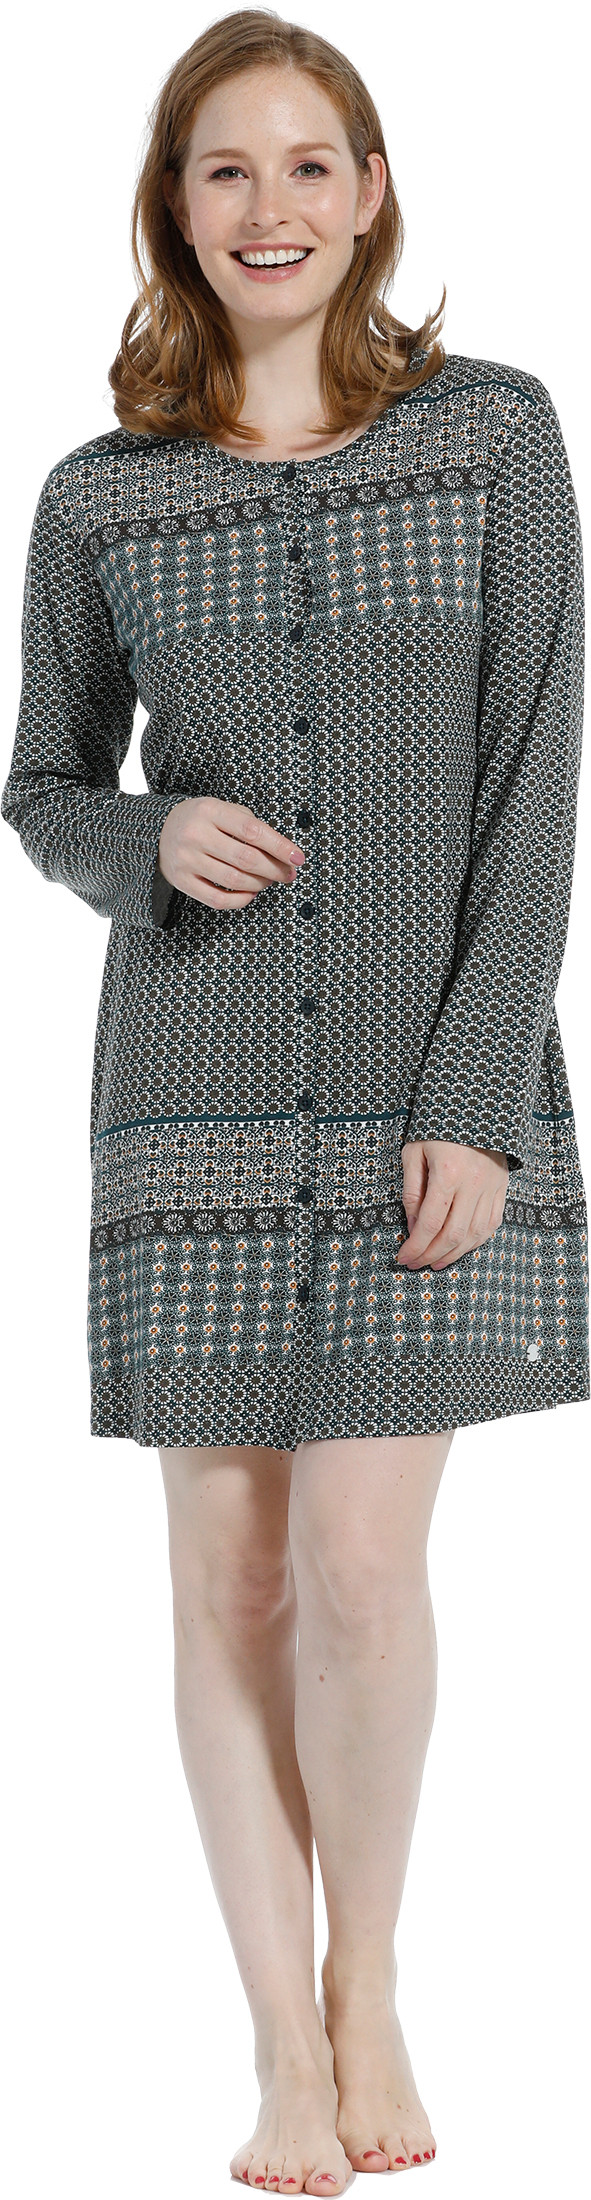 Dames doorknoop nachthemd Pastunette 10202-148-6-40